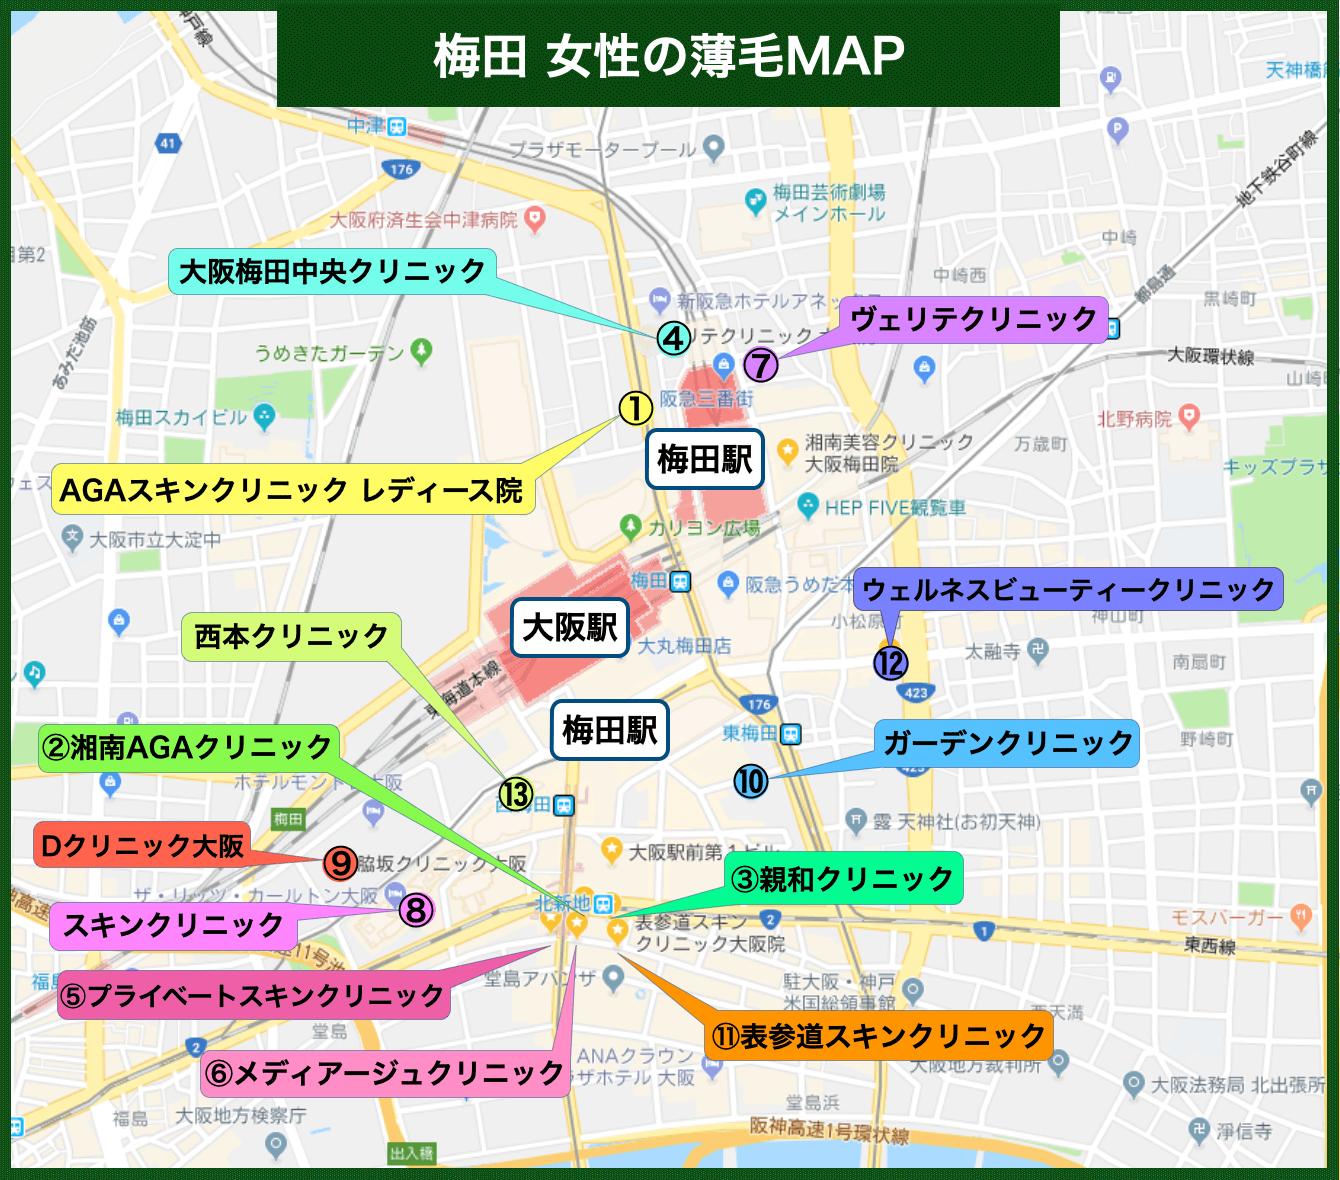 梅田女性の薄毛MAP